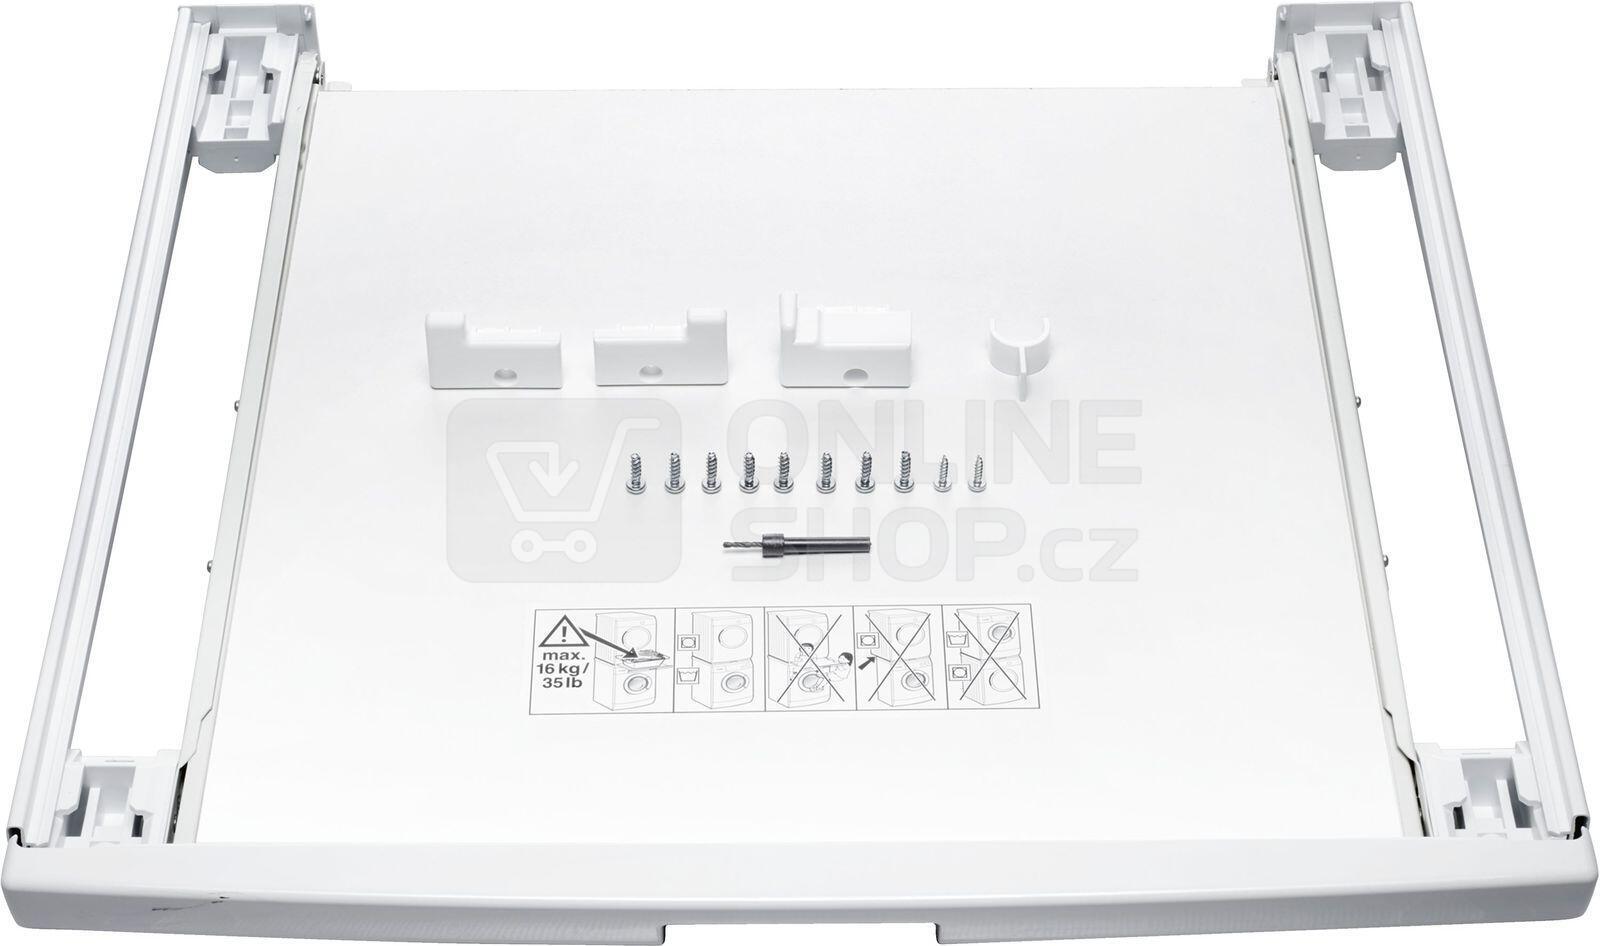 Mezikus Bosch WTZ11400 spojovací sada s výsuvem pro pračky a sušičky Bosch